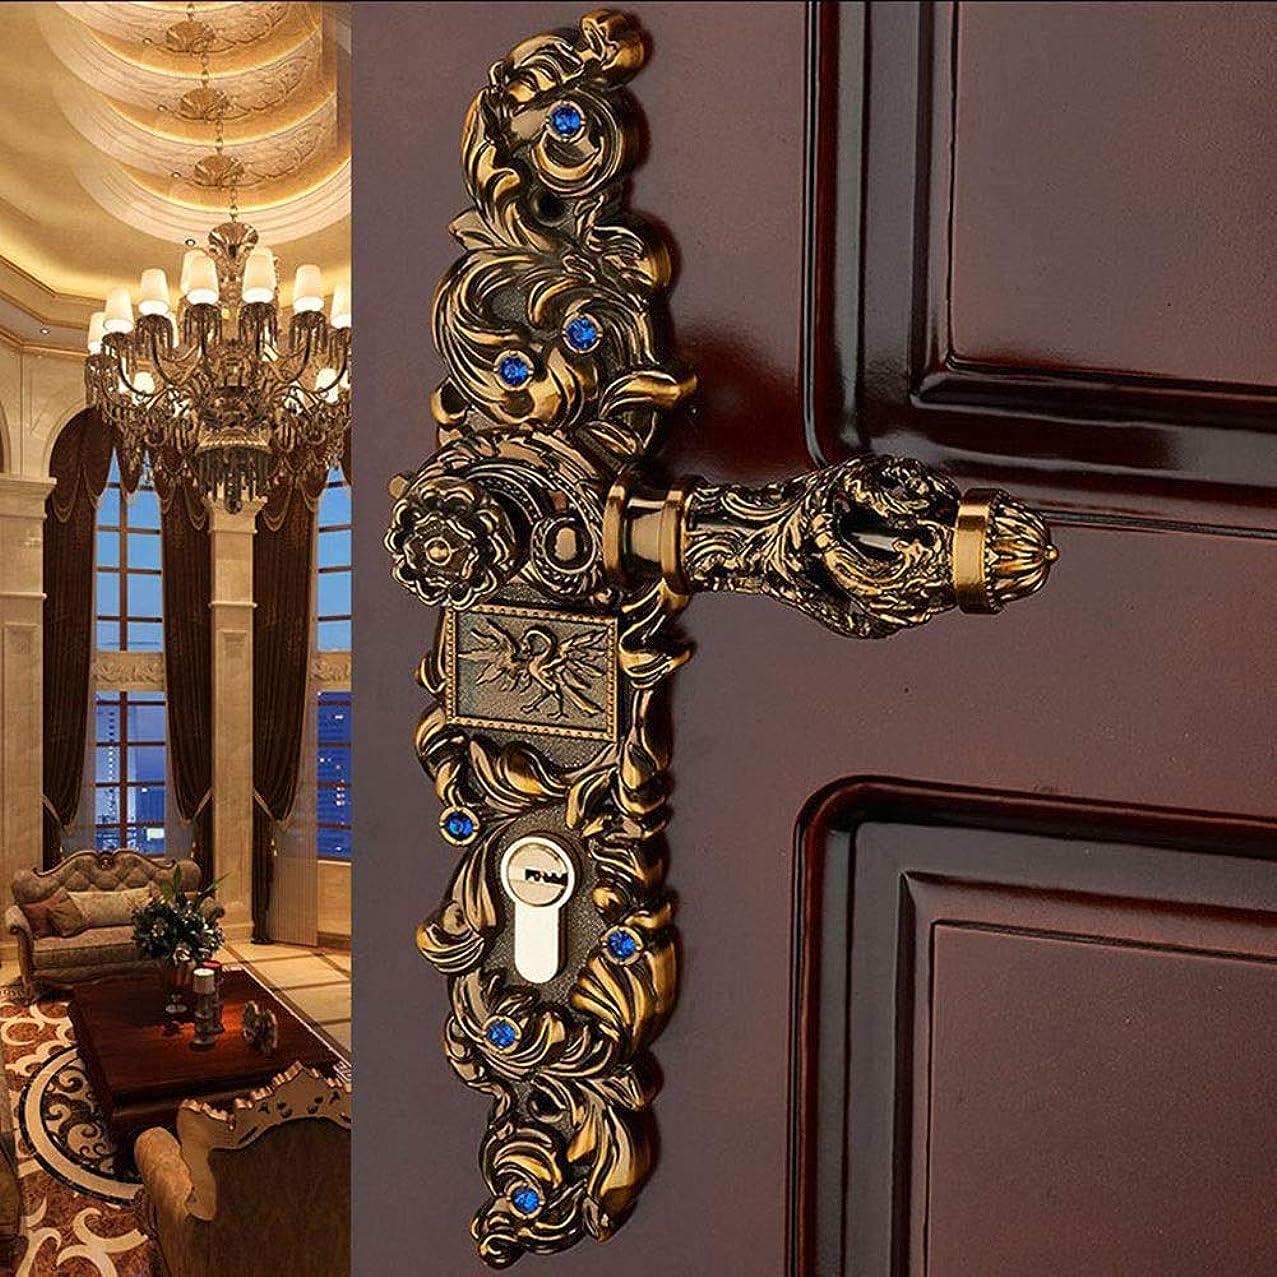 アイザックタイピスト粒子BeiWang ヨーロッパの美しい柄の木製のドアロック電着のためのヴィンテージのドアロックのコーヒー色のクラシック亜鉛合金のドアロックハンドル (Color : Full set)